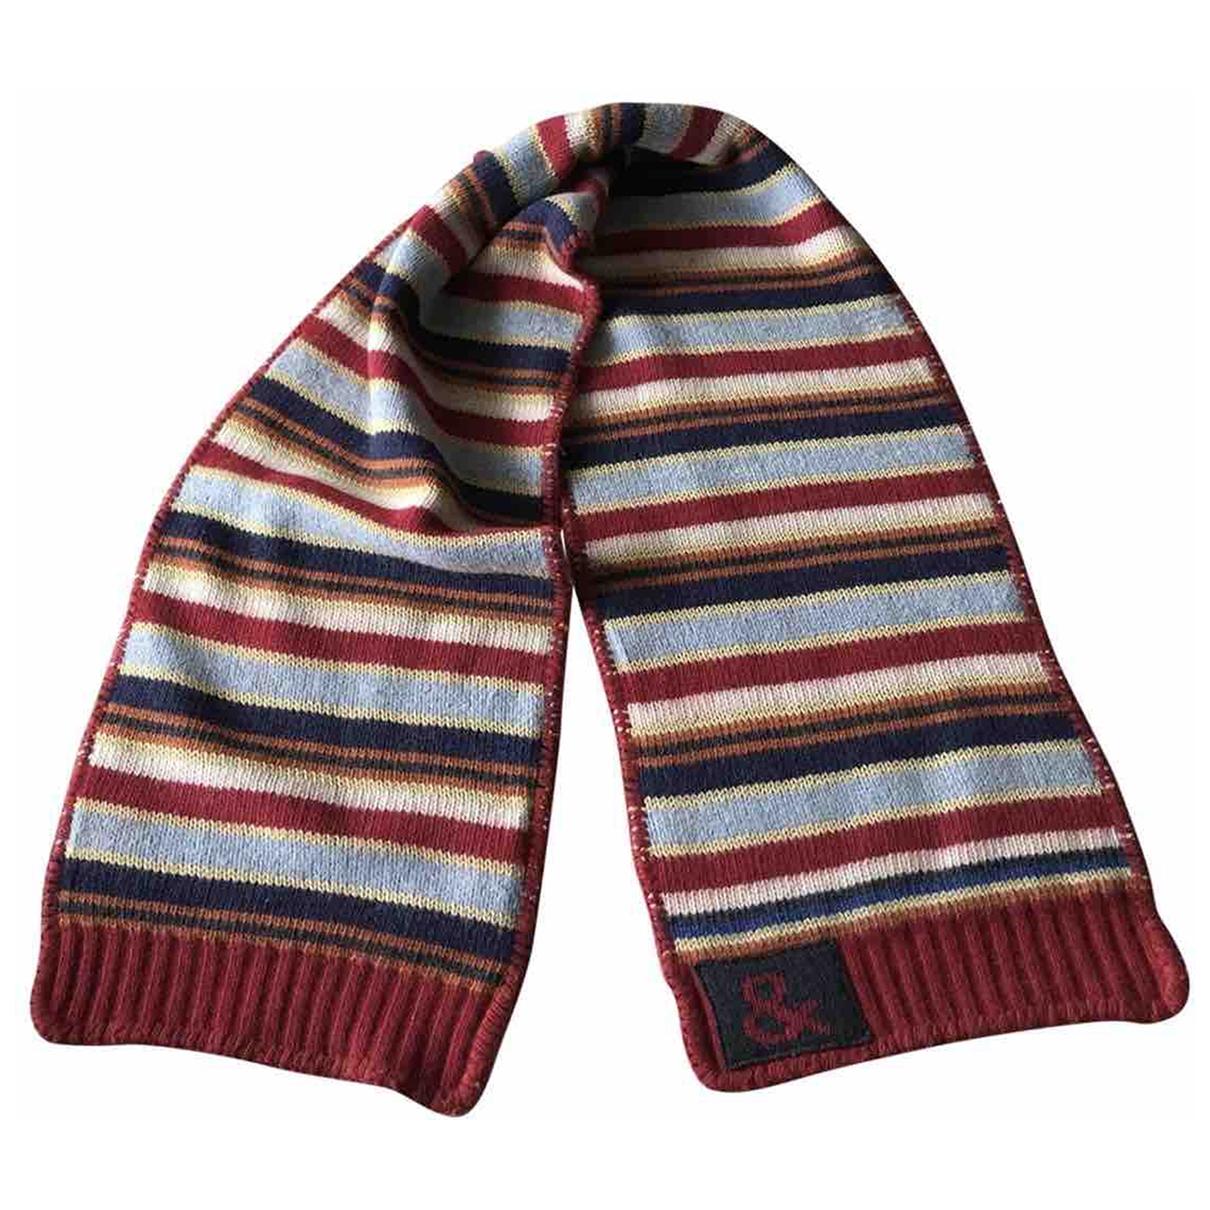 D&g \N Schal in  Bunt Wolle